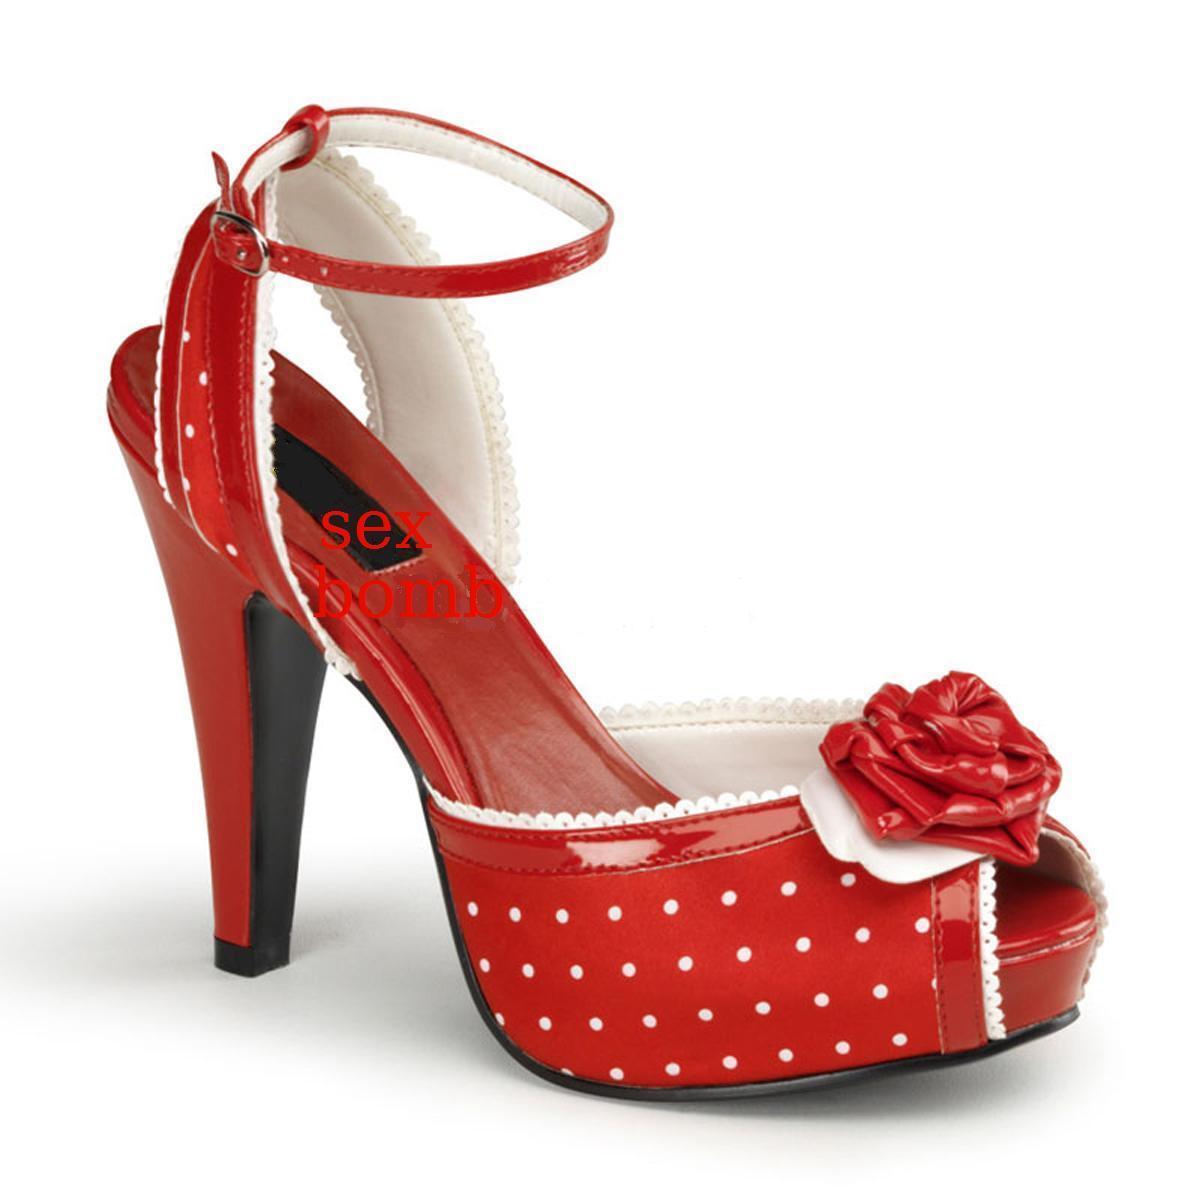 Sexy zapatos ROSSE PIN UP tacco tacco tacco 11,5 dal 35 al 41 plateau semi nascosto GLAMOUR  Nuevos productos de artículos novedosos.